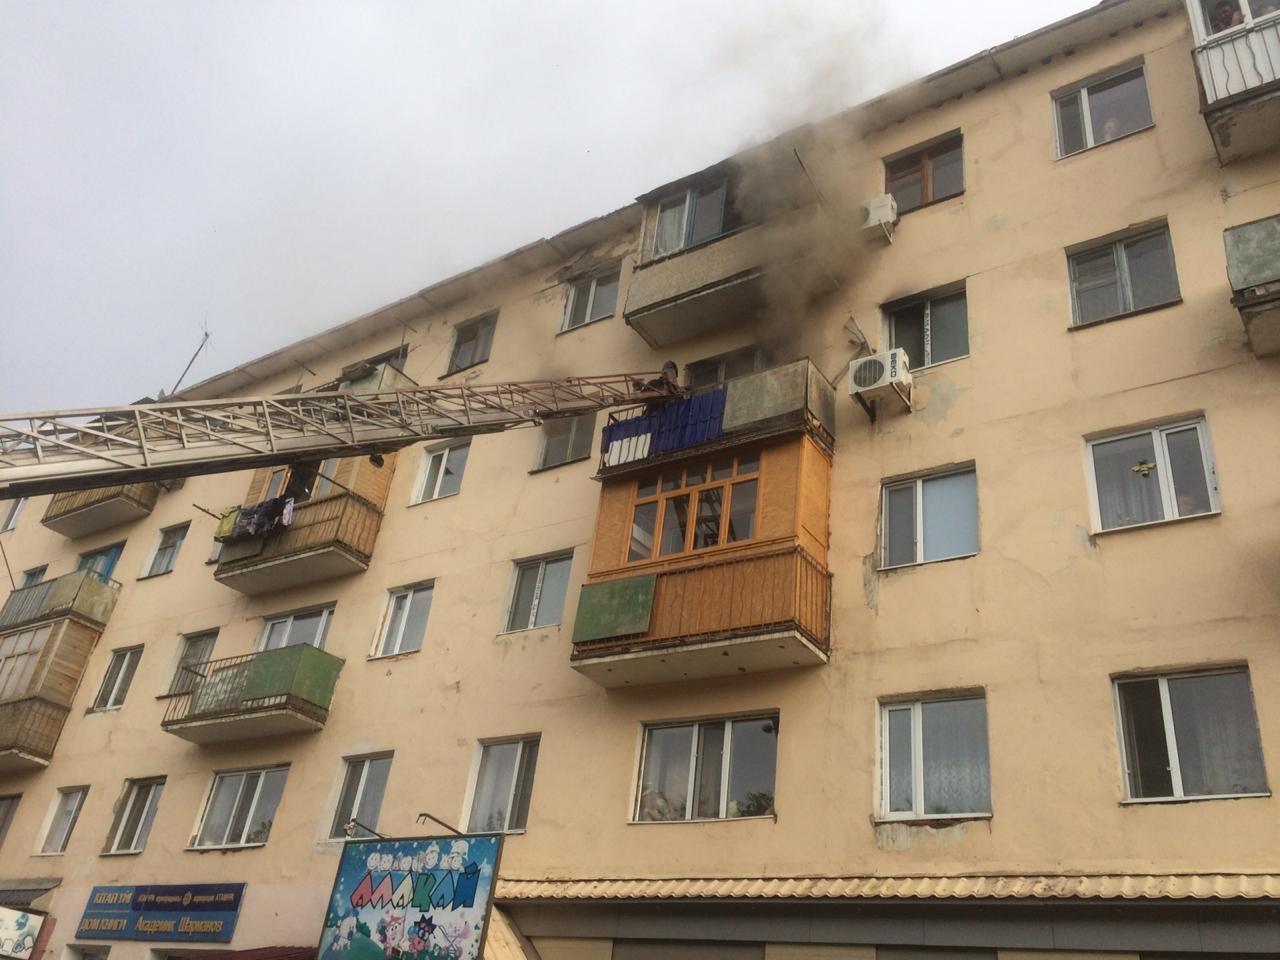 Семь человек спасли из горящей квартиры в Жезказгане, фото-3